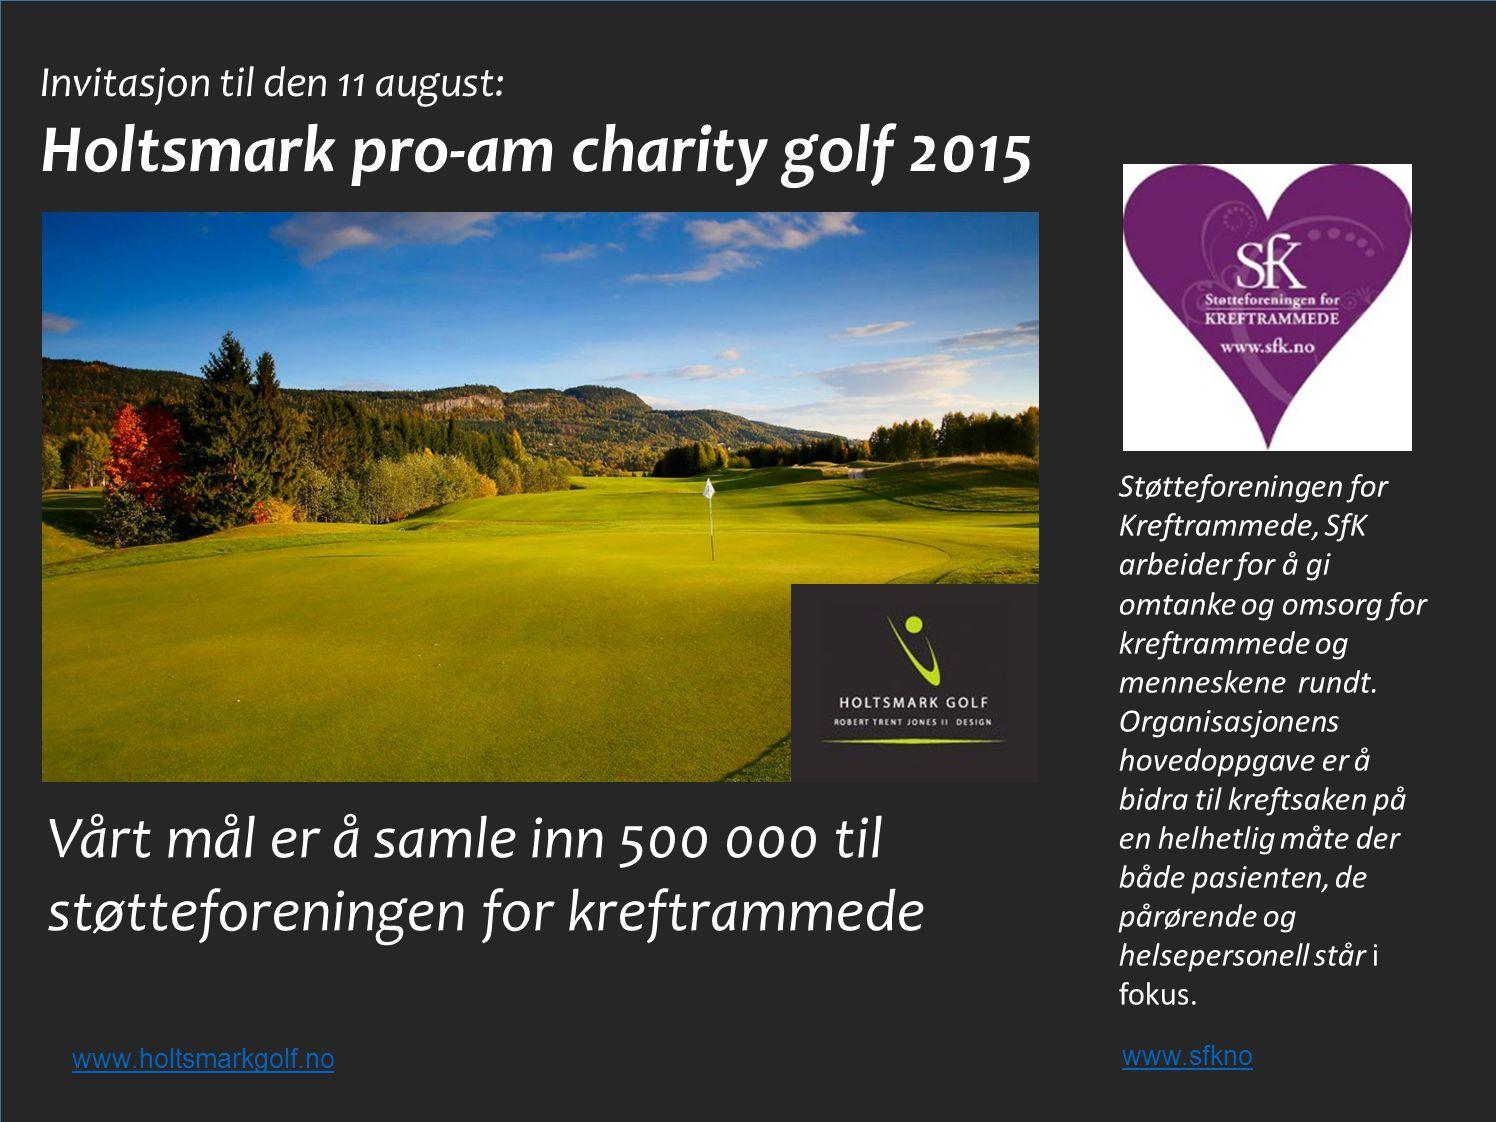 Vi inviterer Deres bedrift til å bidra til kreftsaken og samtidig få en uforglemmelig golfopplevelse med kjendiser og golfproffer.